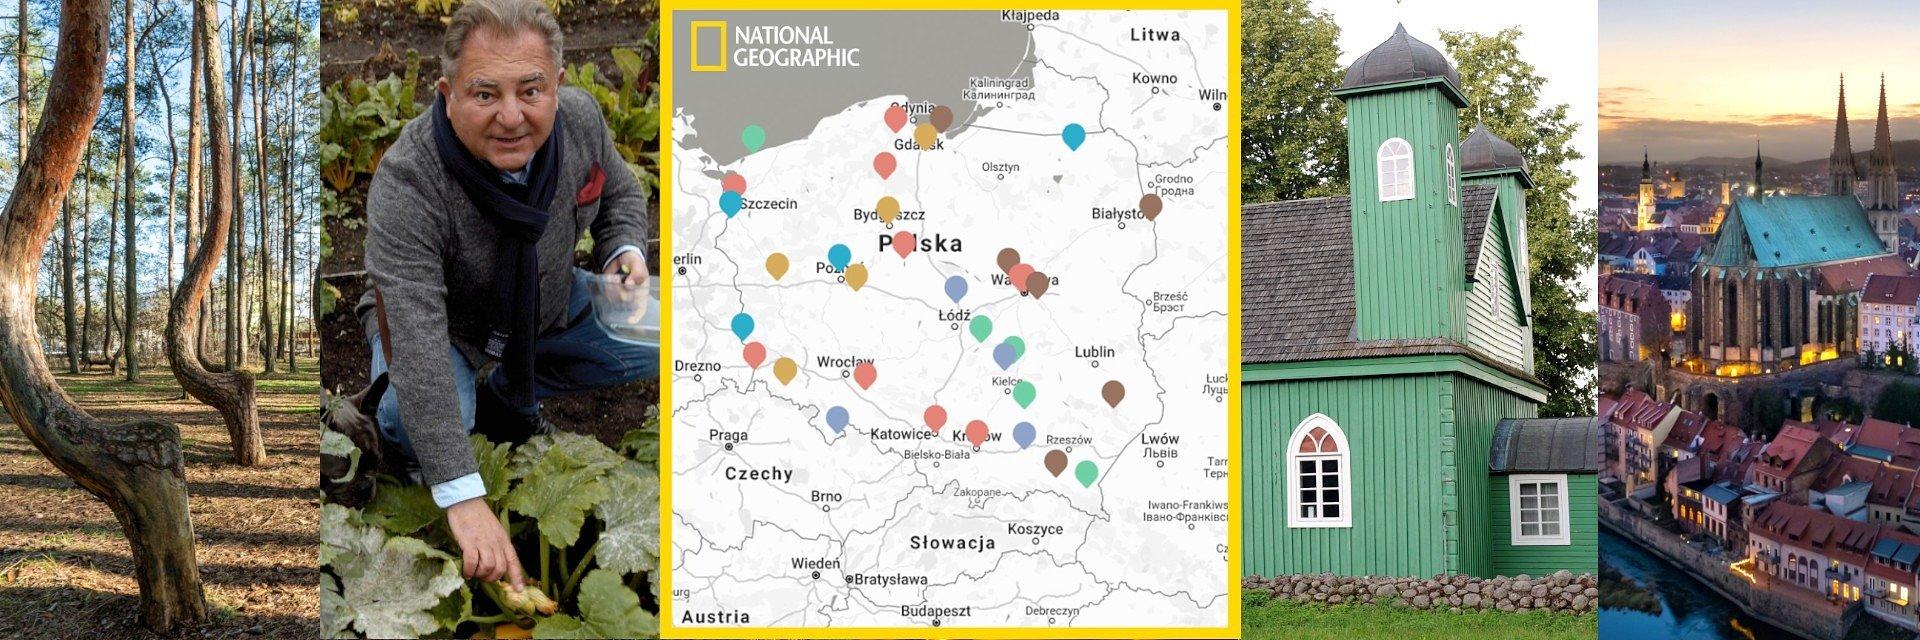 Interaktywna mapa Polski #JestTyleDoOdkrycia – szlakiem lokalnych odkryć na majówkę.